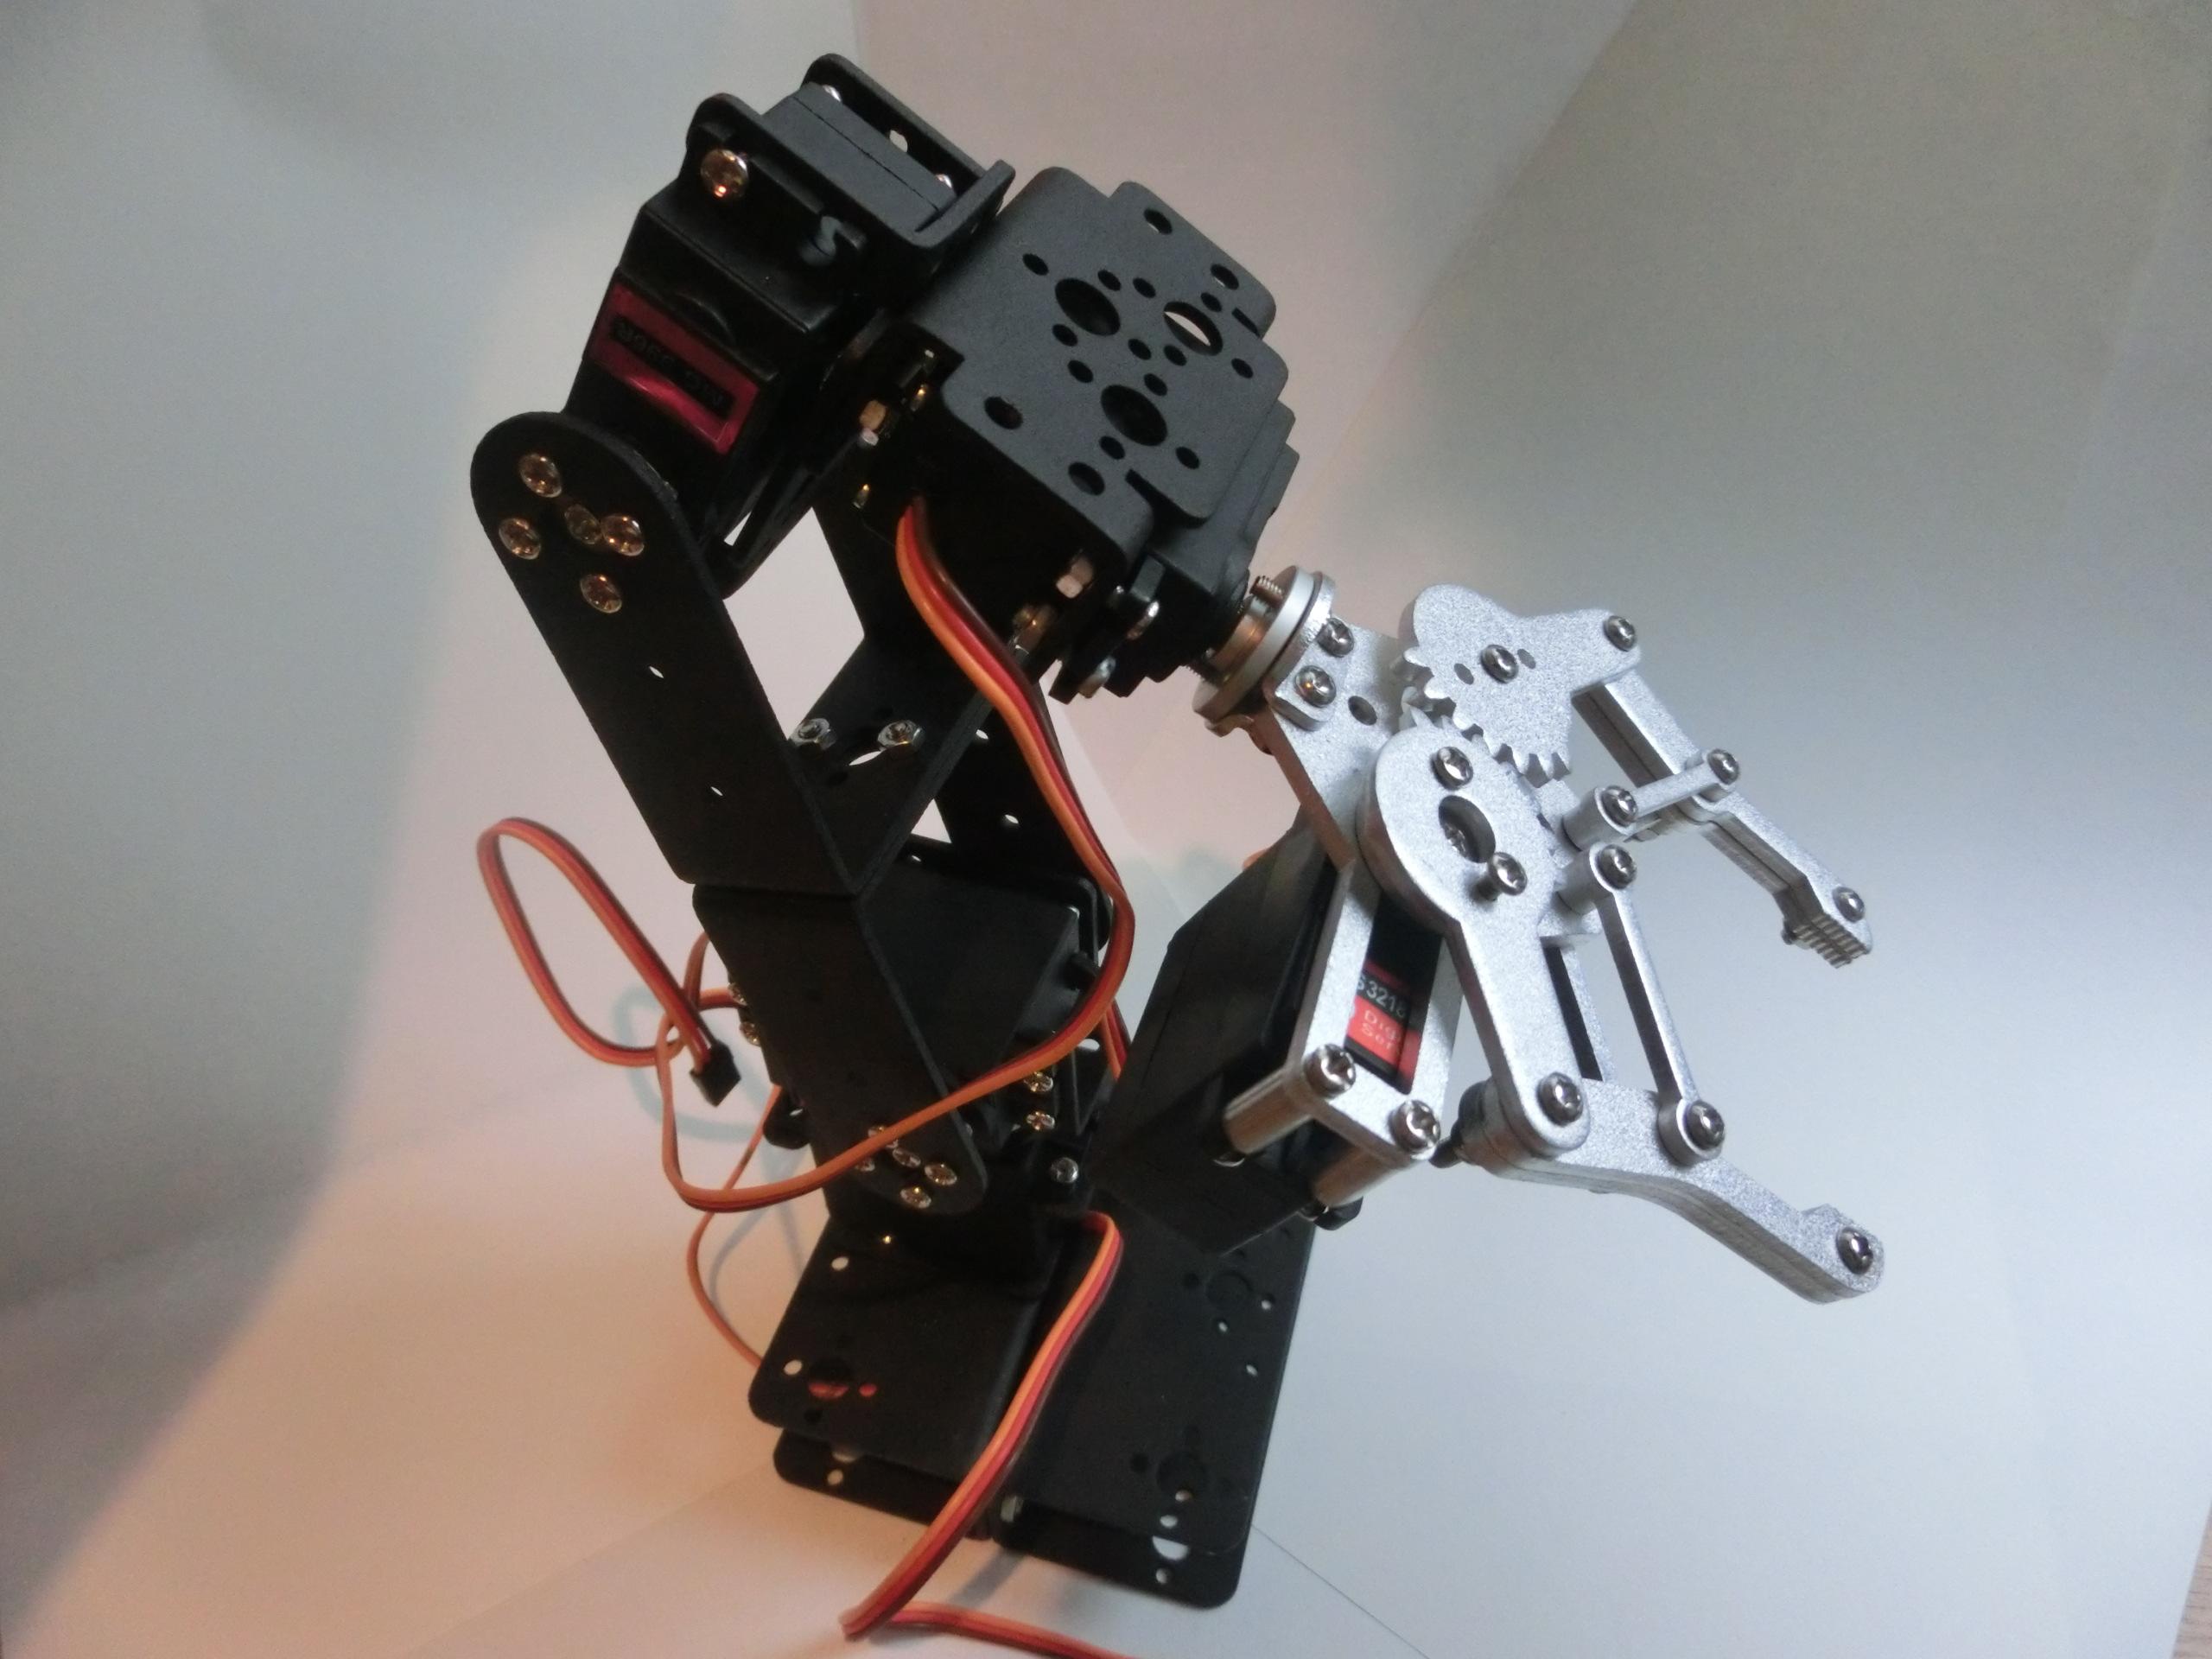 RaspberryPiとサーボモータで5軸ロボットアームを動かしてみた